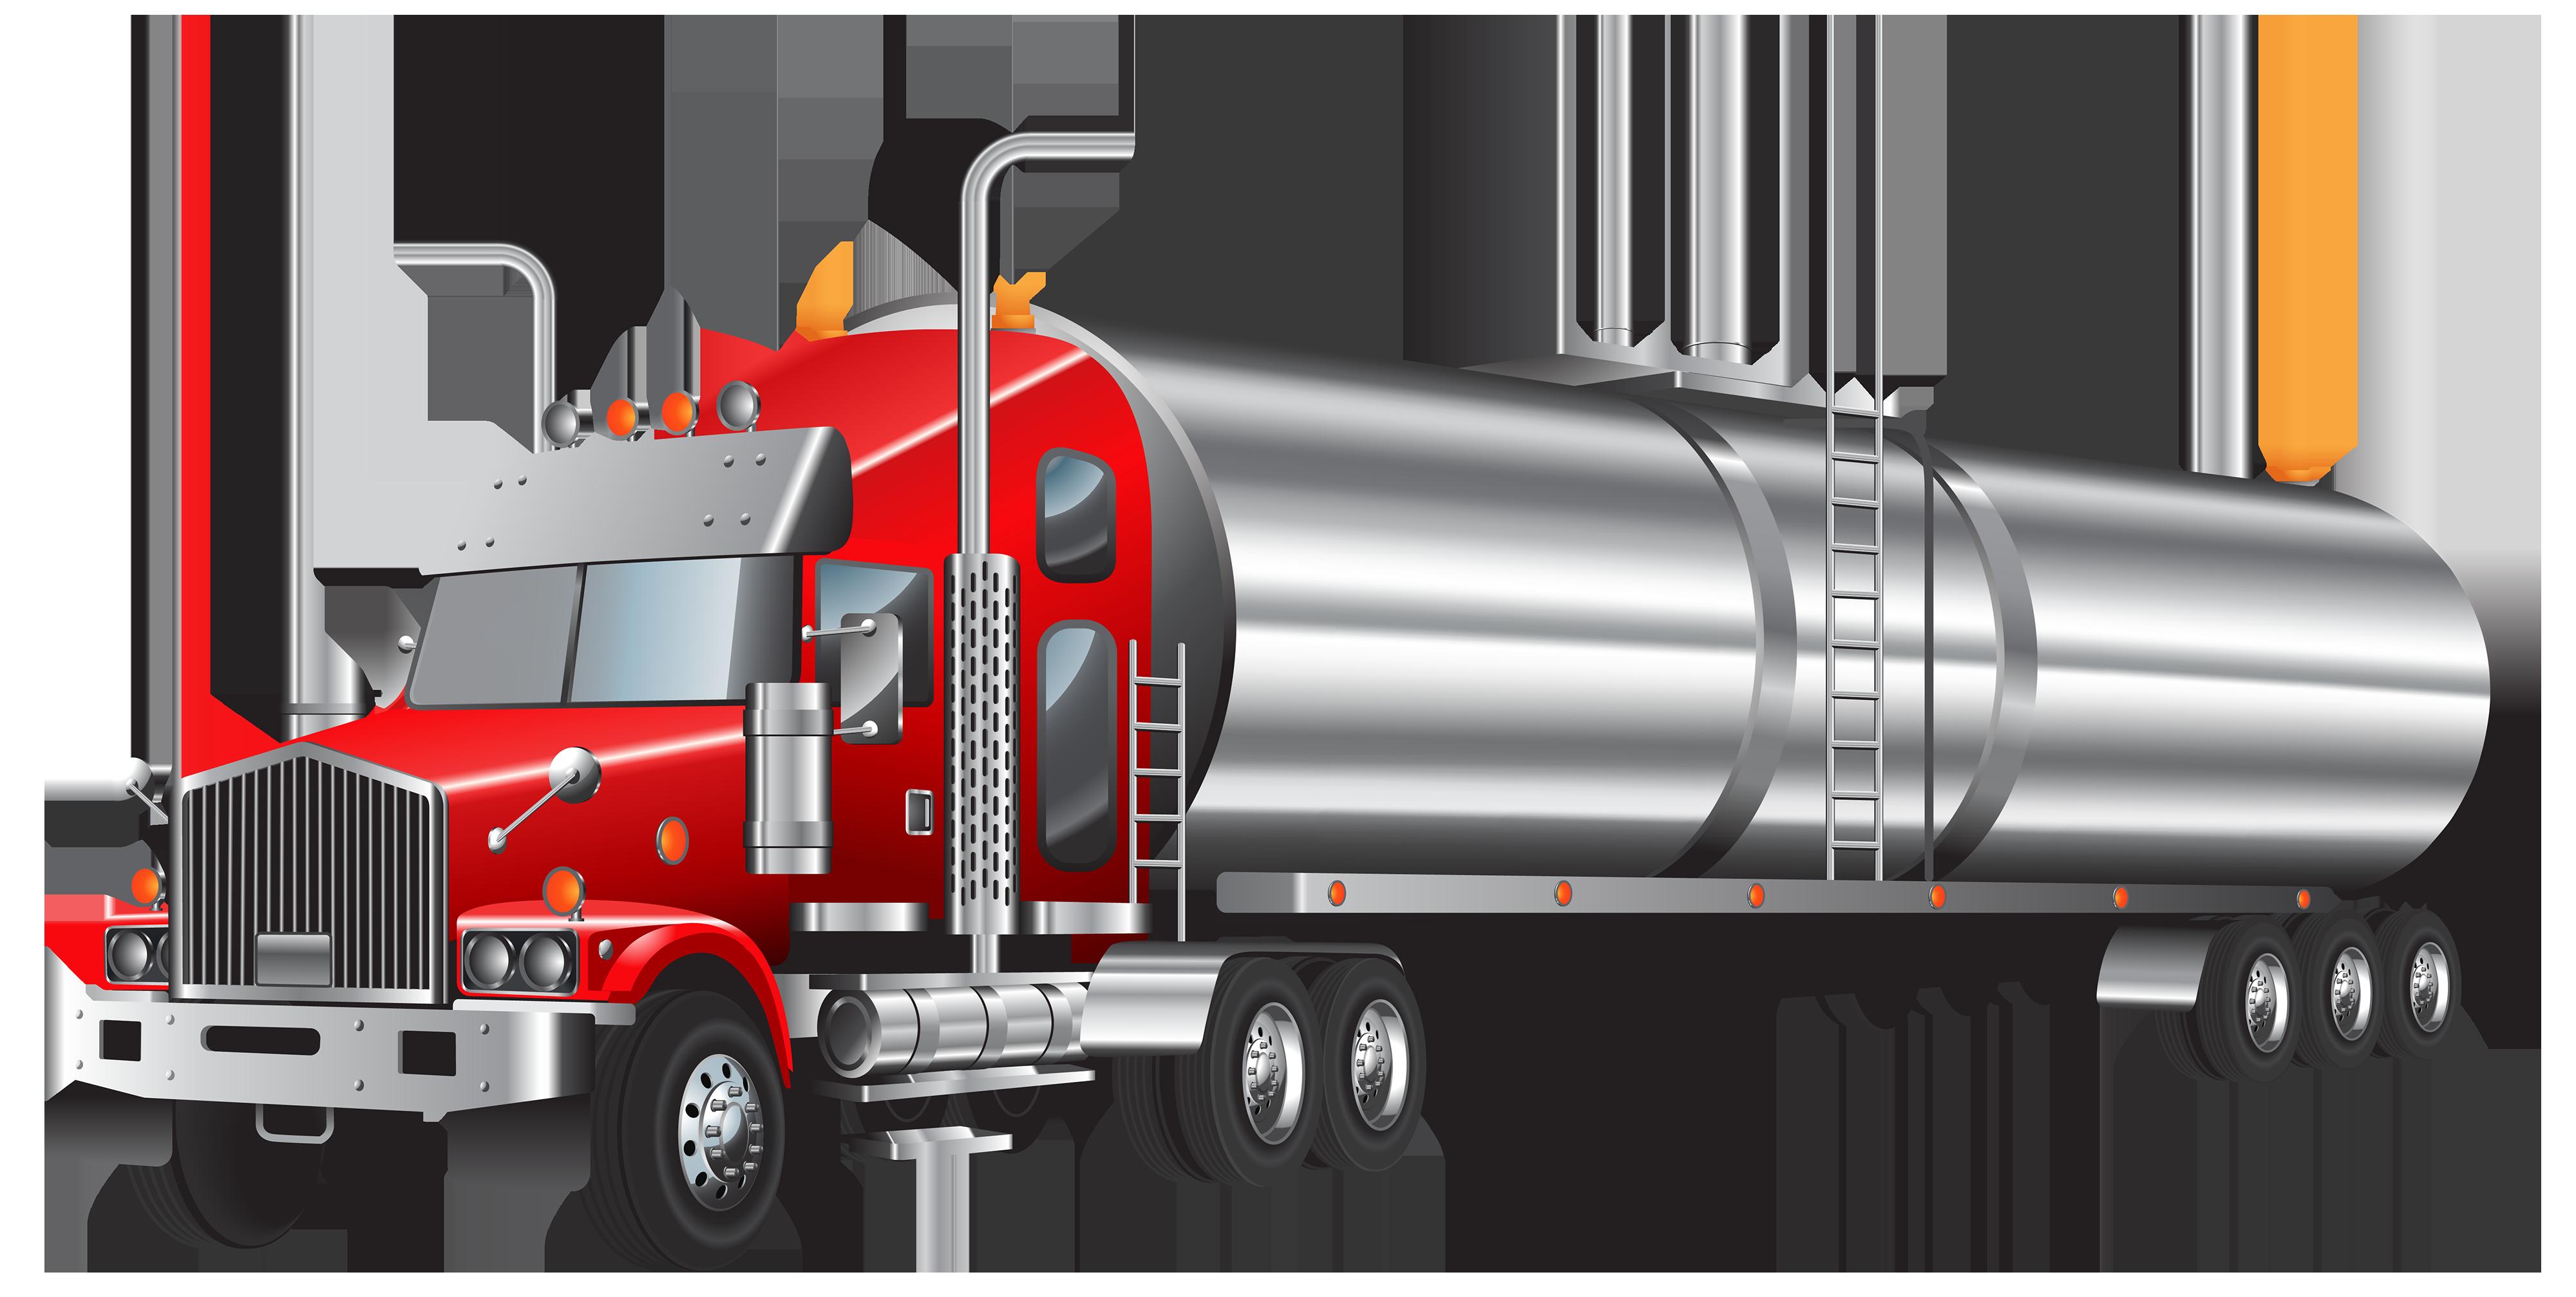 4000x2014 Truck Clipart Top View Truck Clip Artpropulsion Clipart Truck Clip